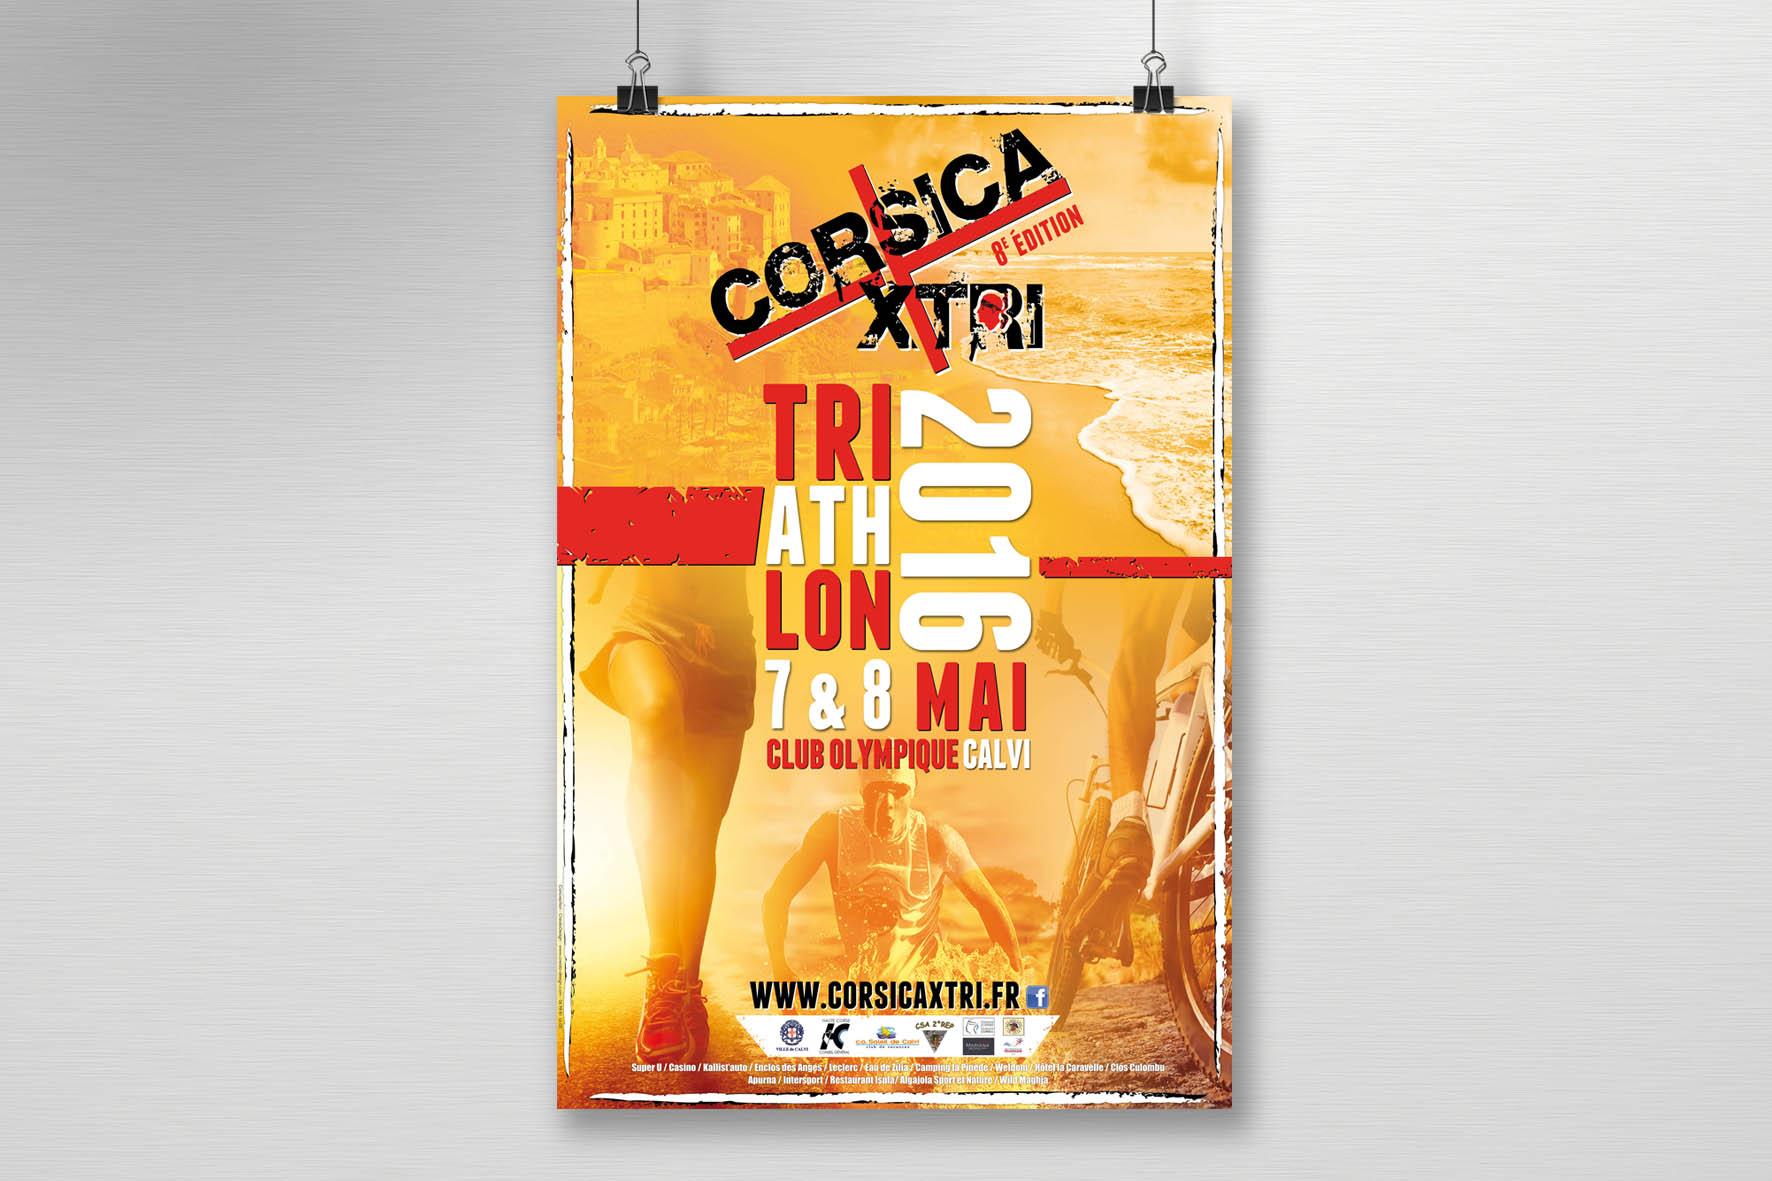 Corsica XTri 2016